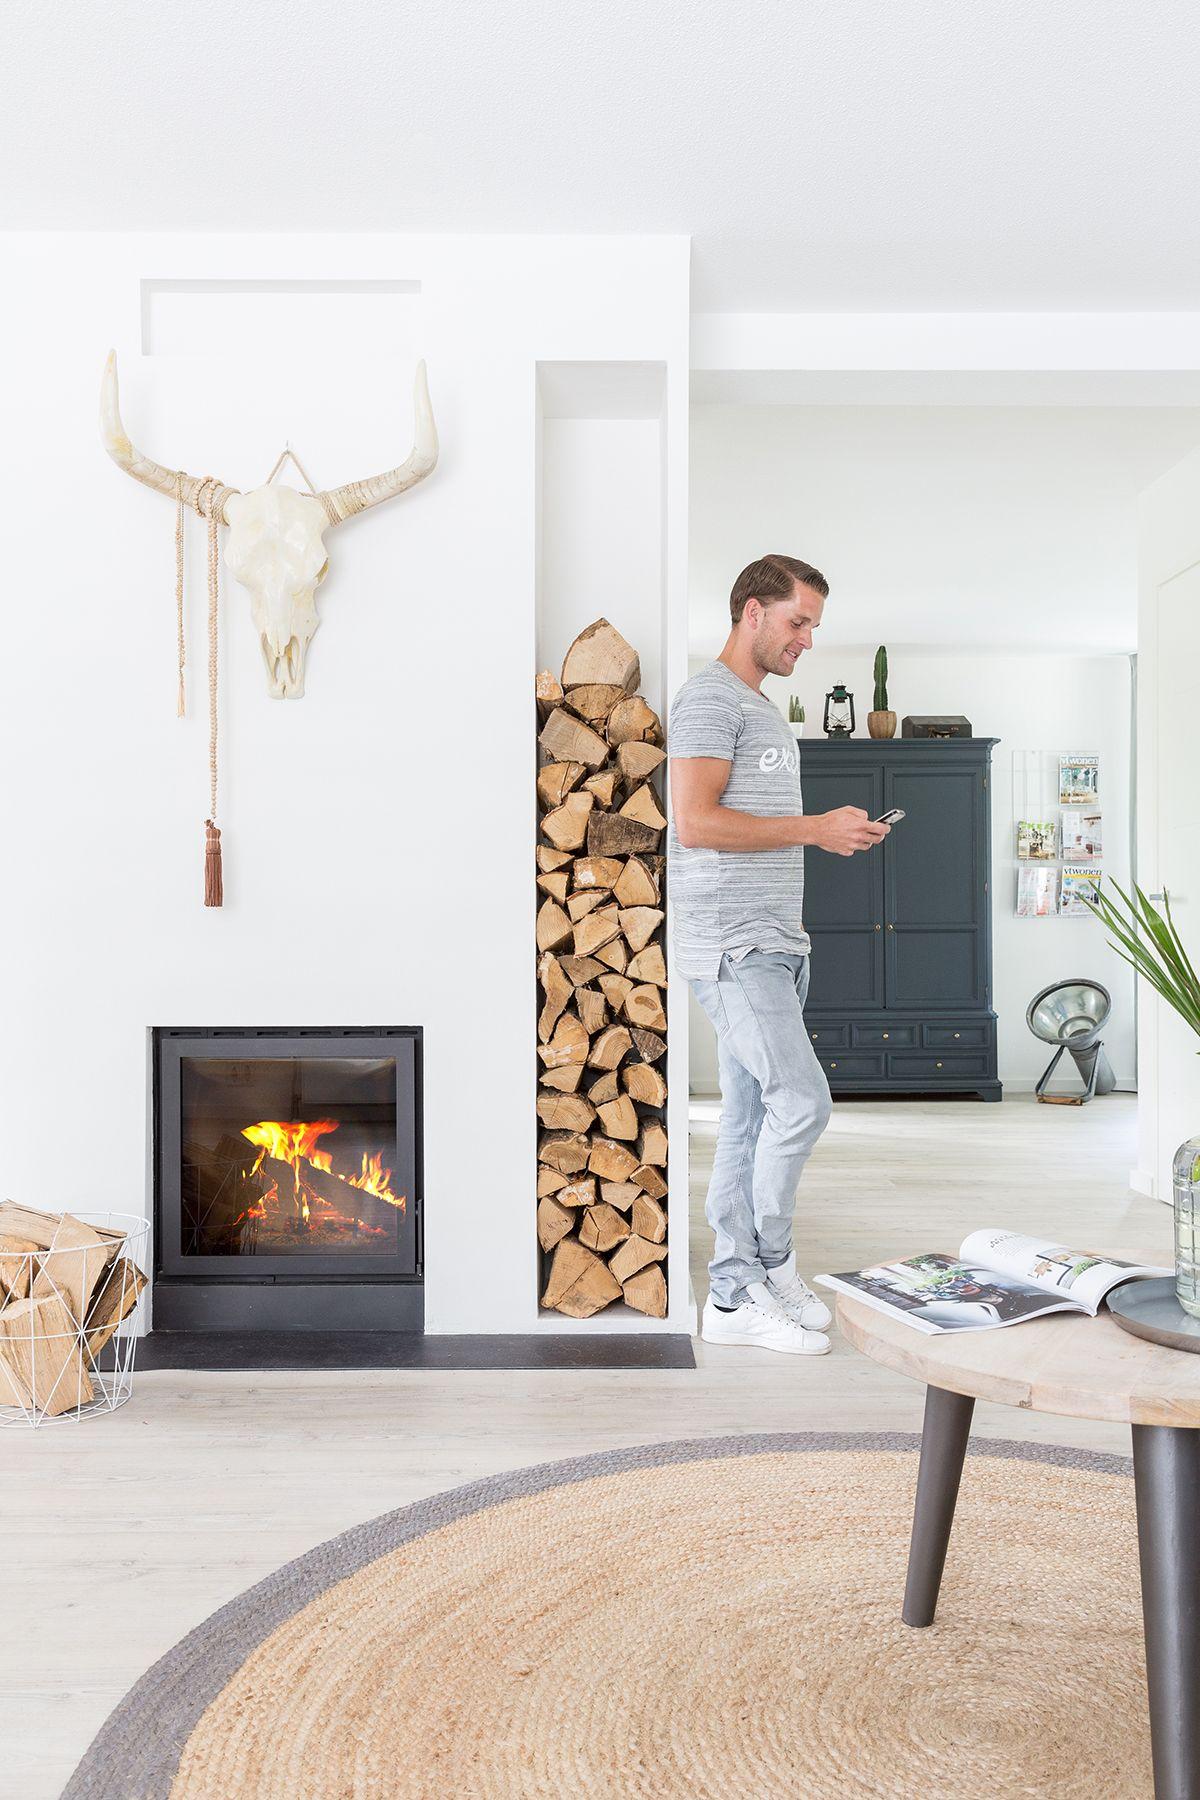 scandinavisch interieur met nis voor hout voor de houtkachel. #white ...